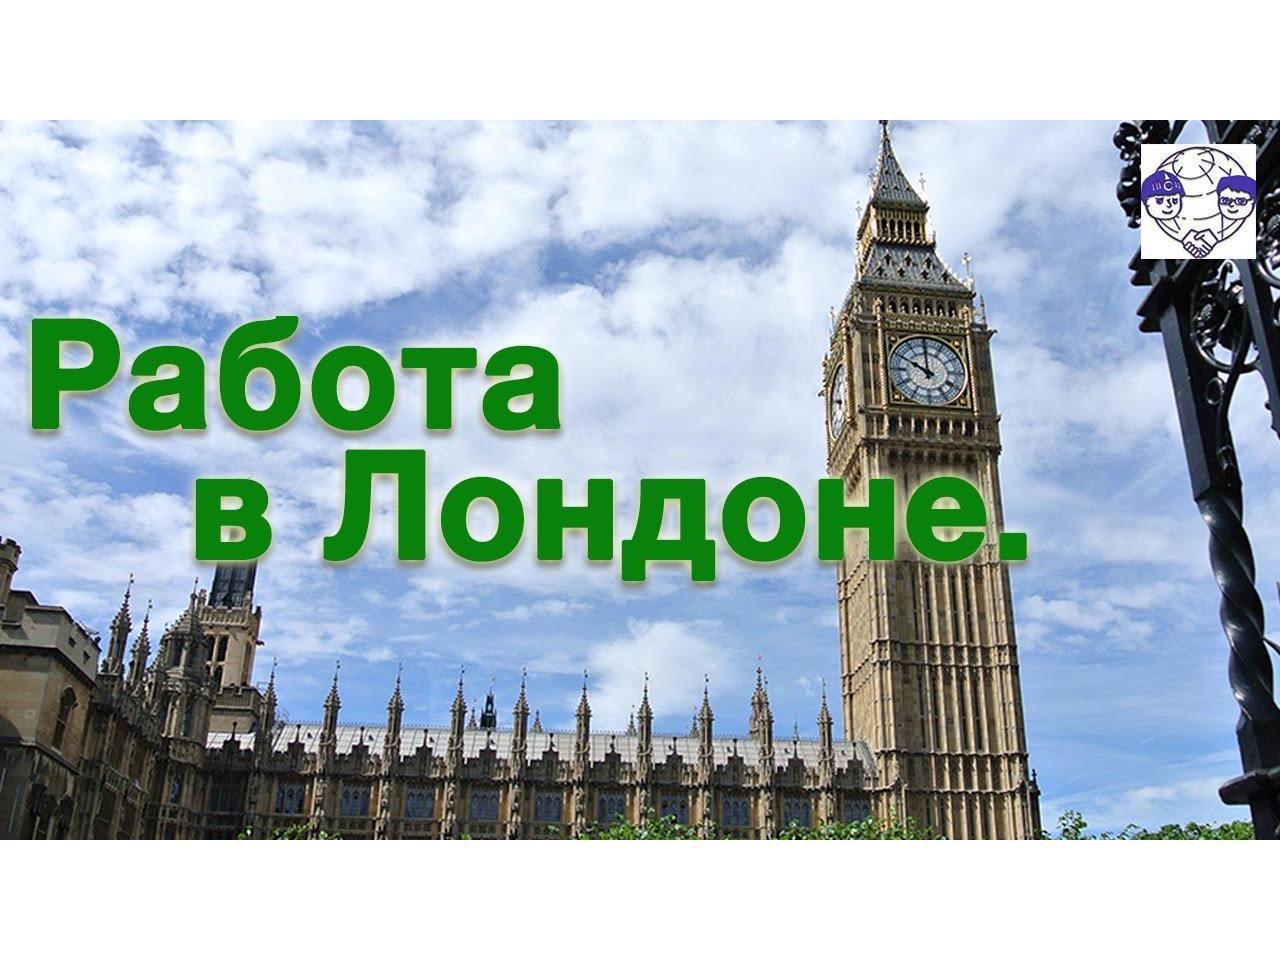 Требуются работники в разных сферах в Лондоне, зарплата до 2400 ф в месяц - 2